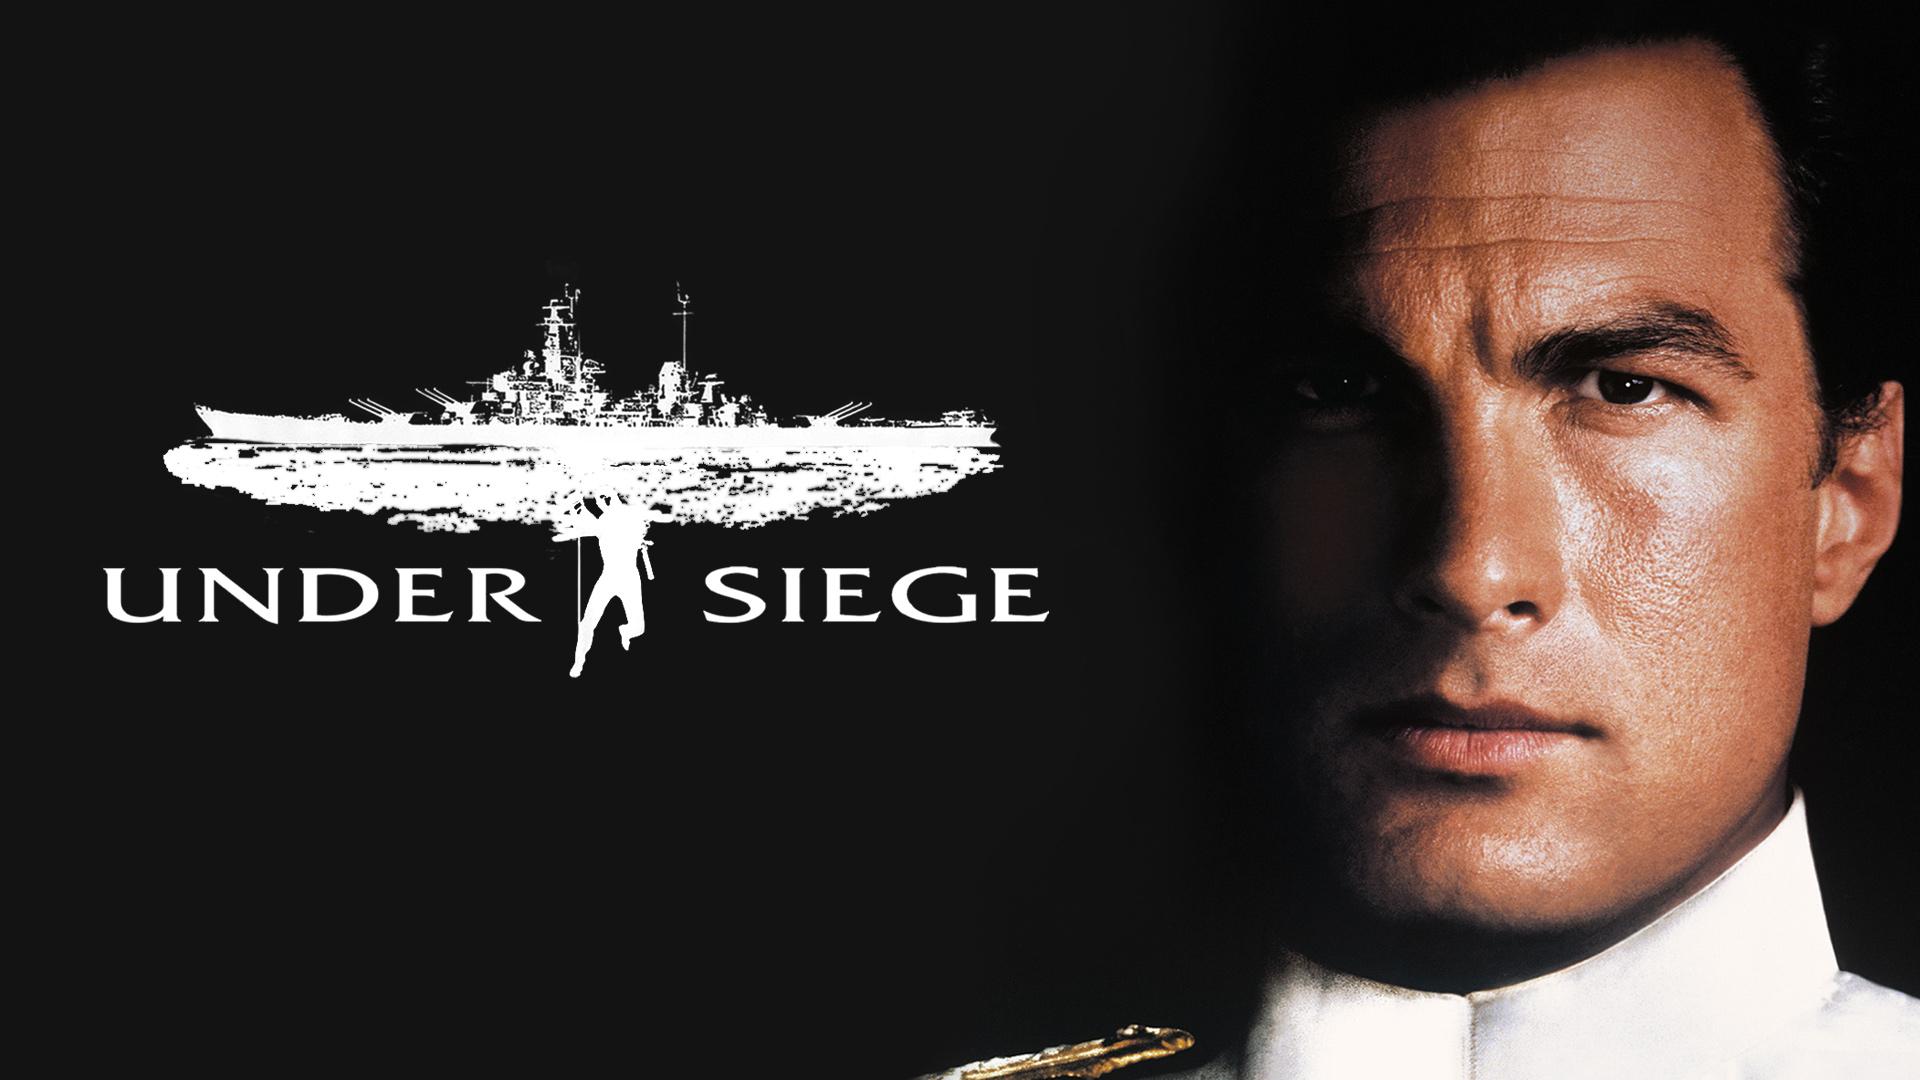 Under Siege (字幕版)